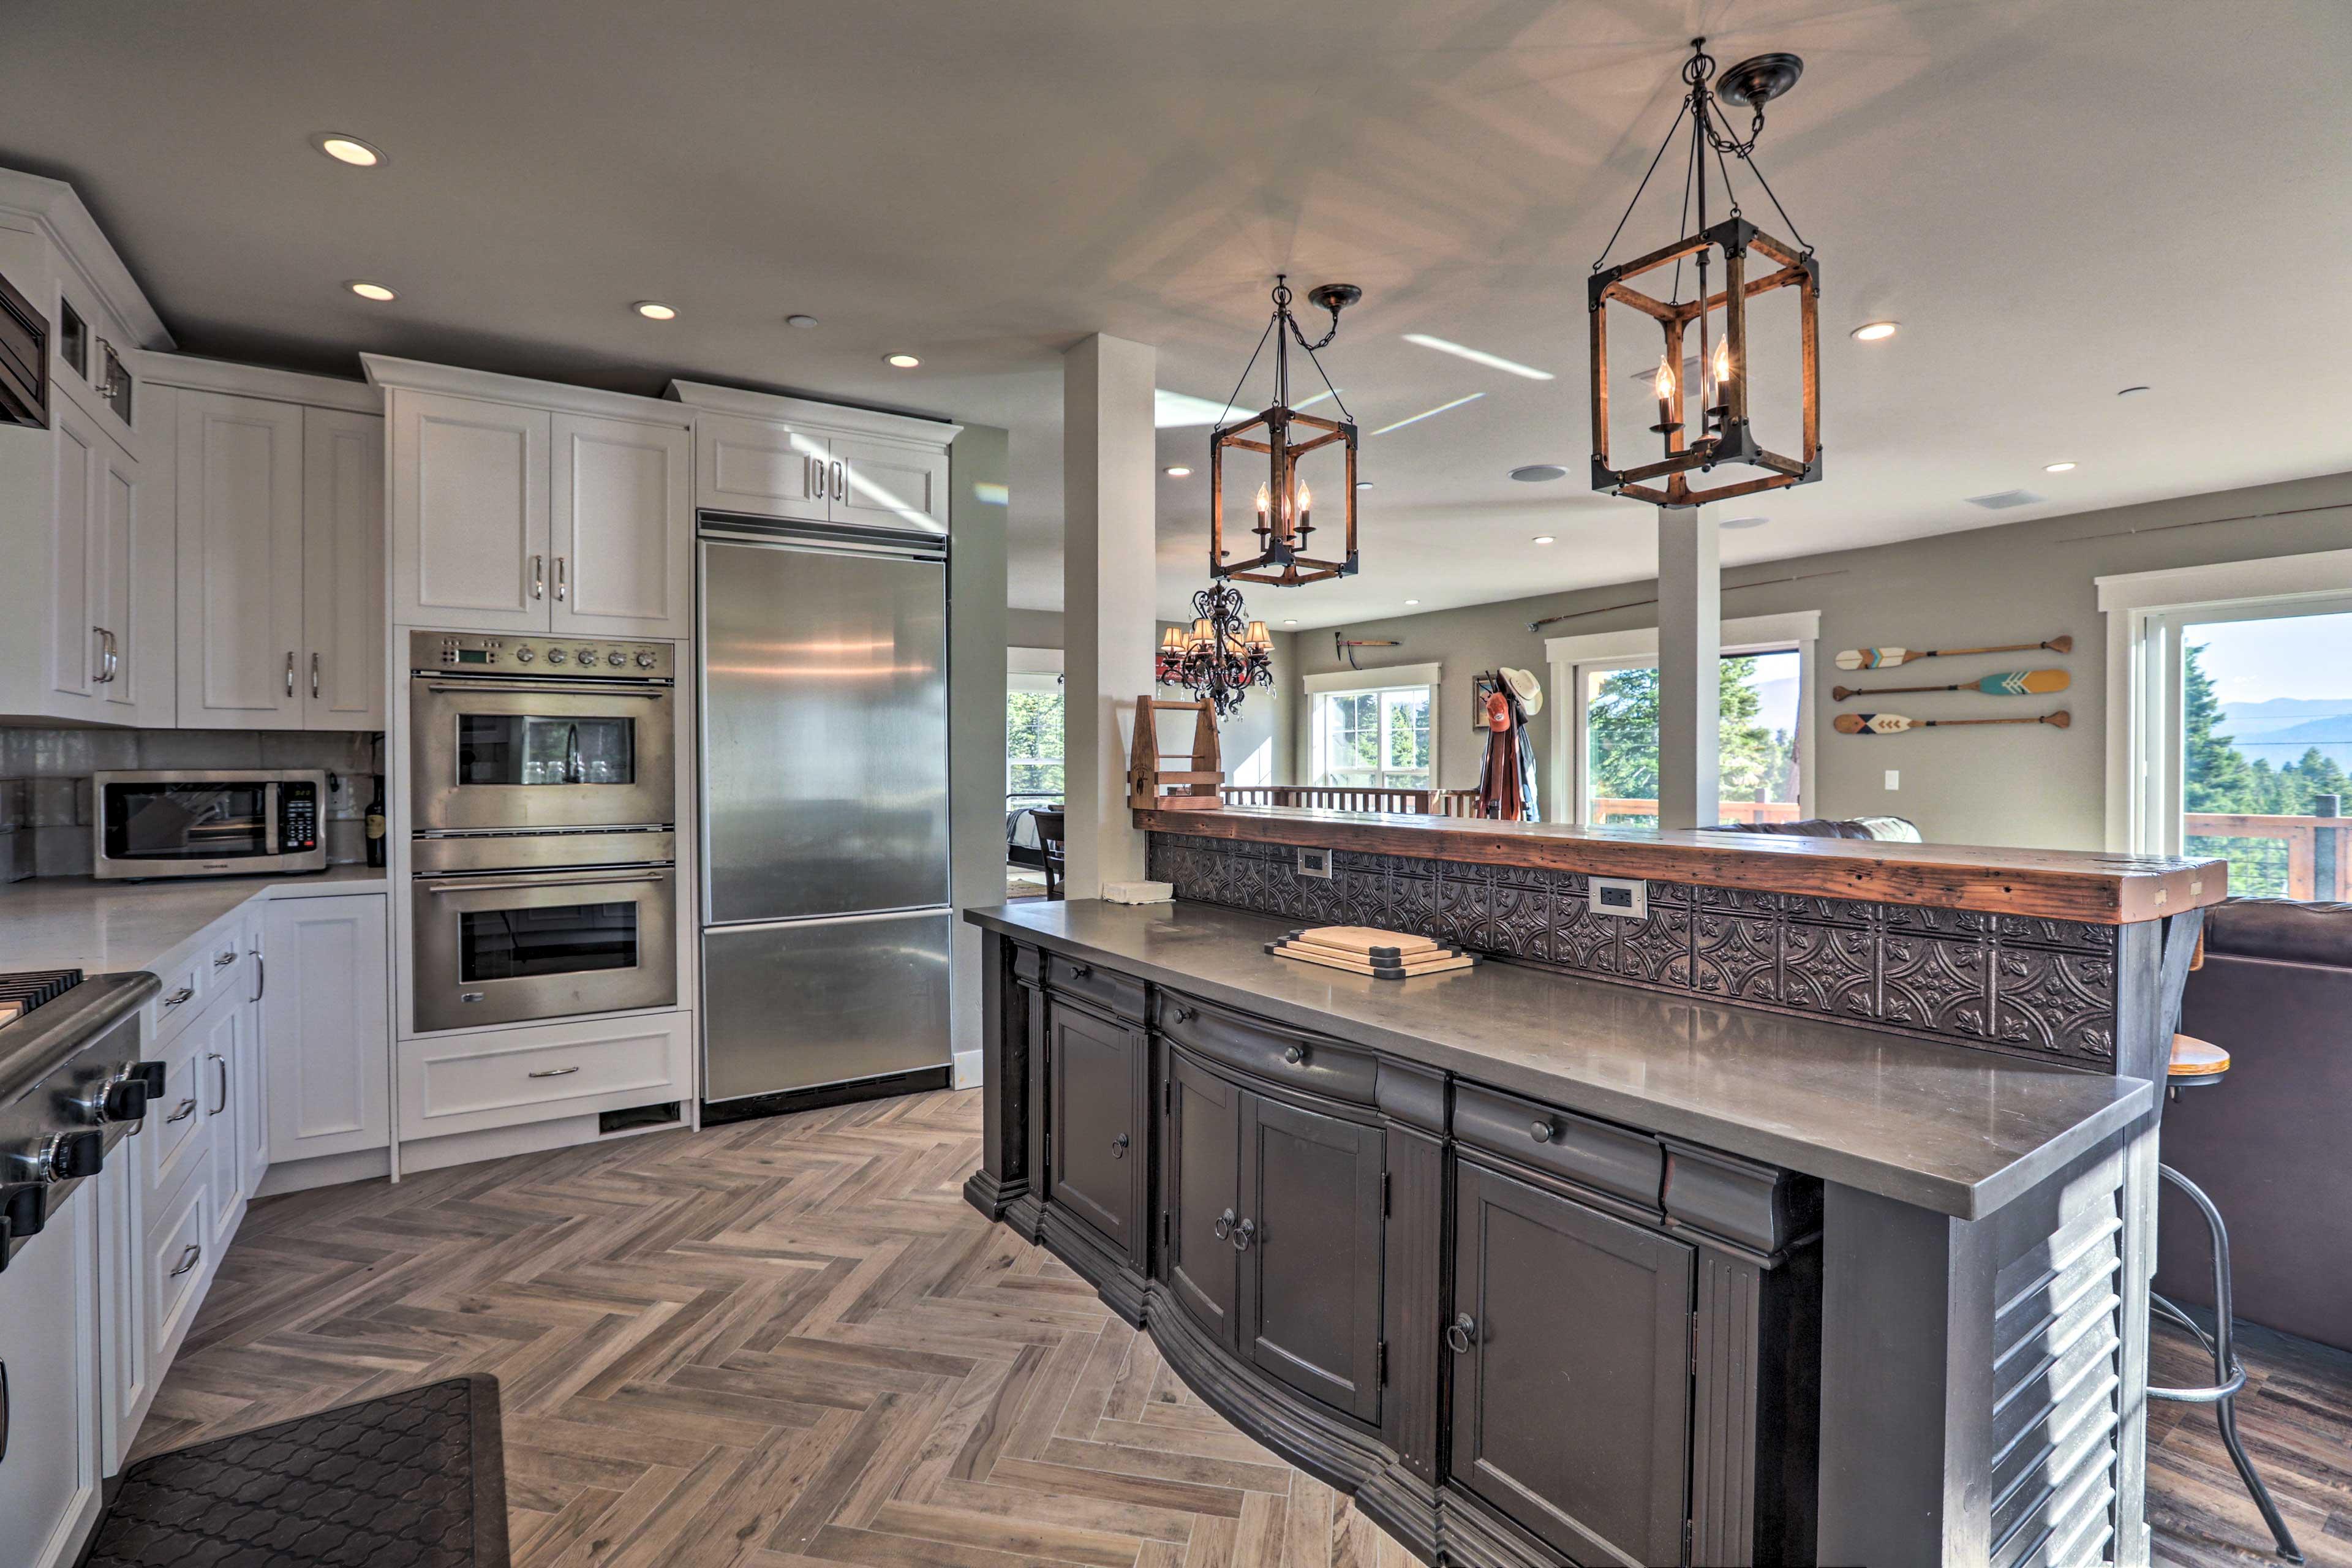 Herringbone floors add an upscale touch.